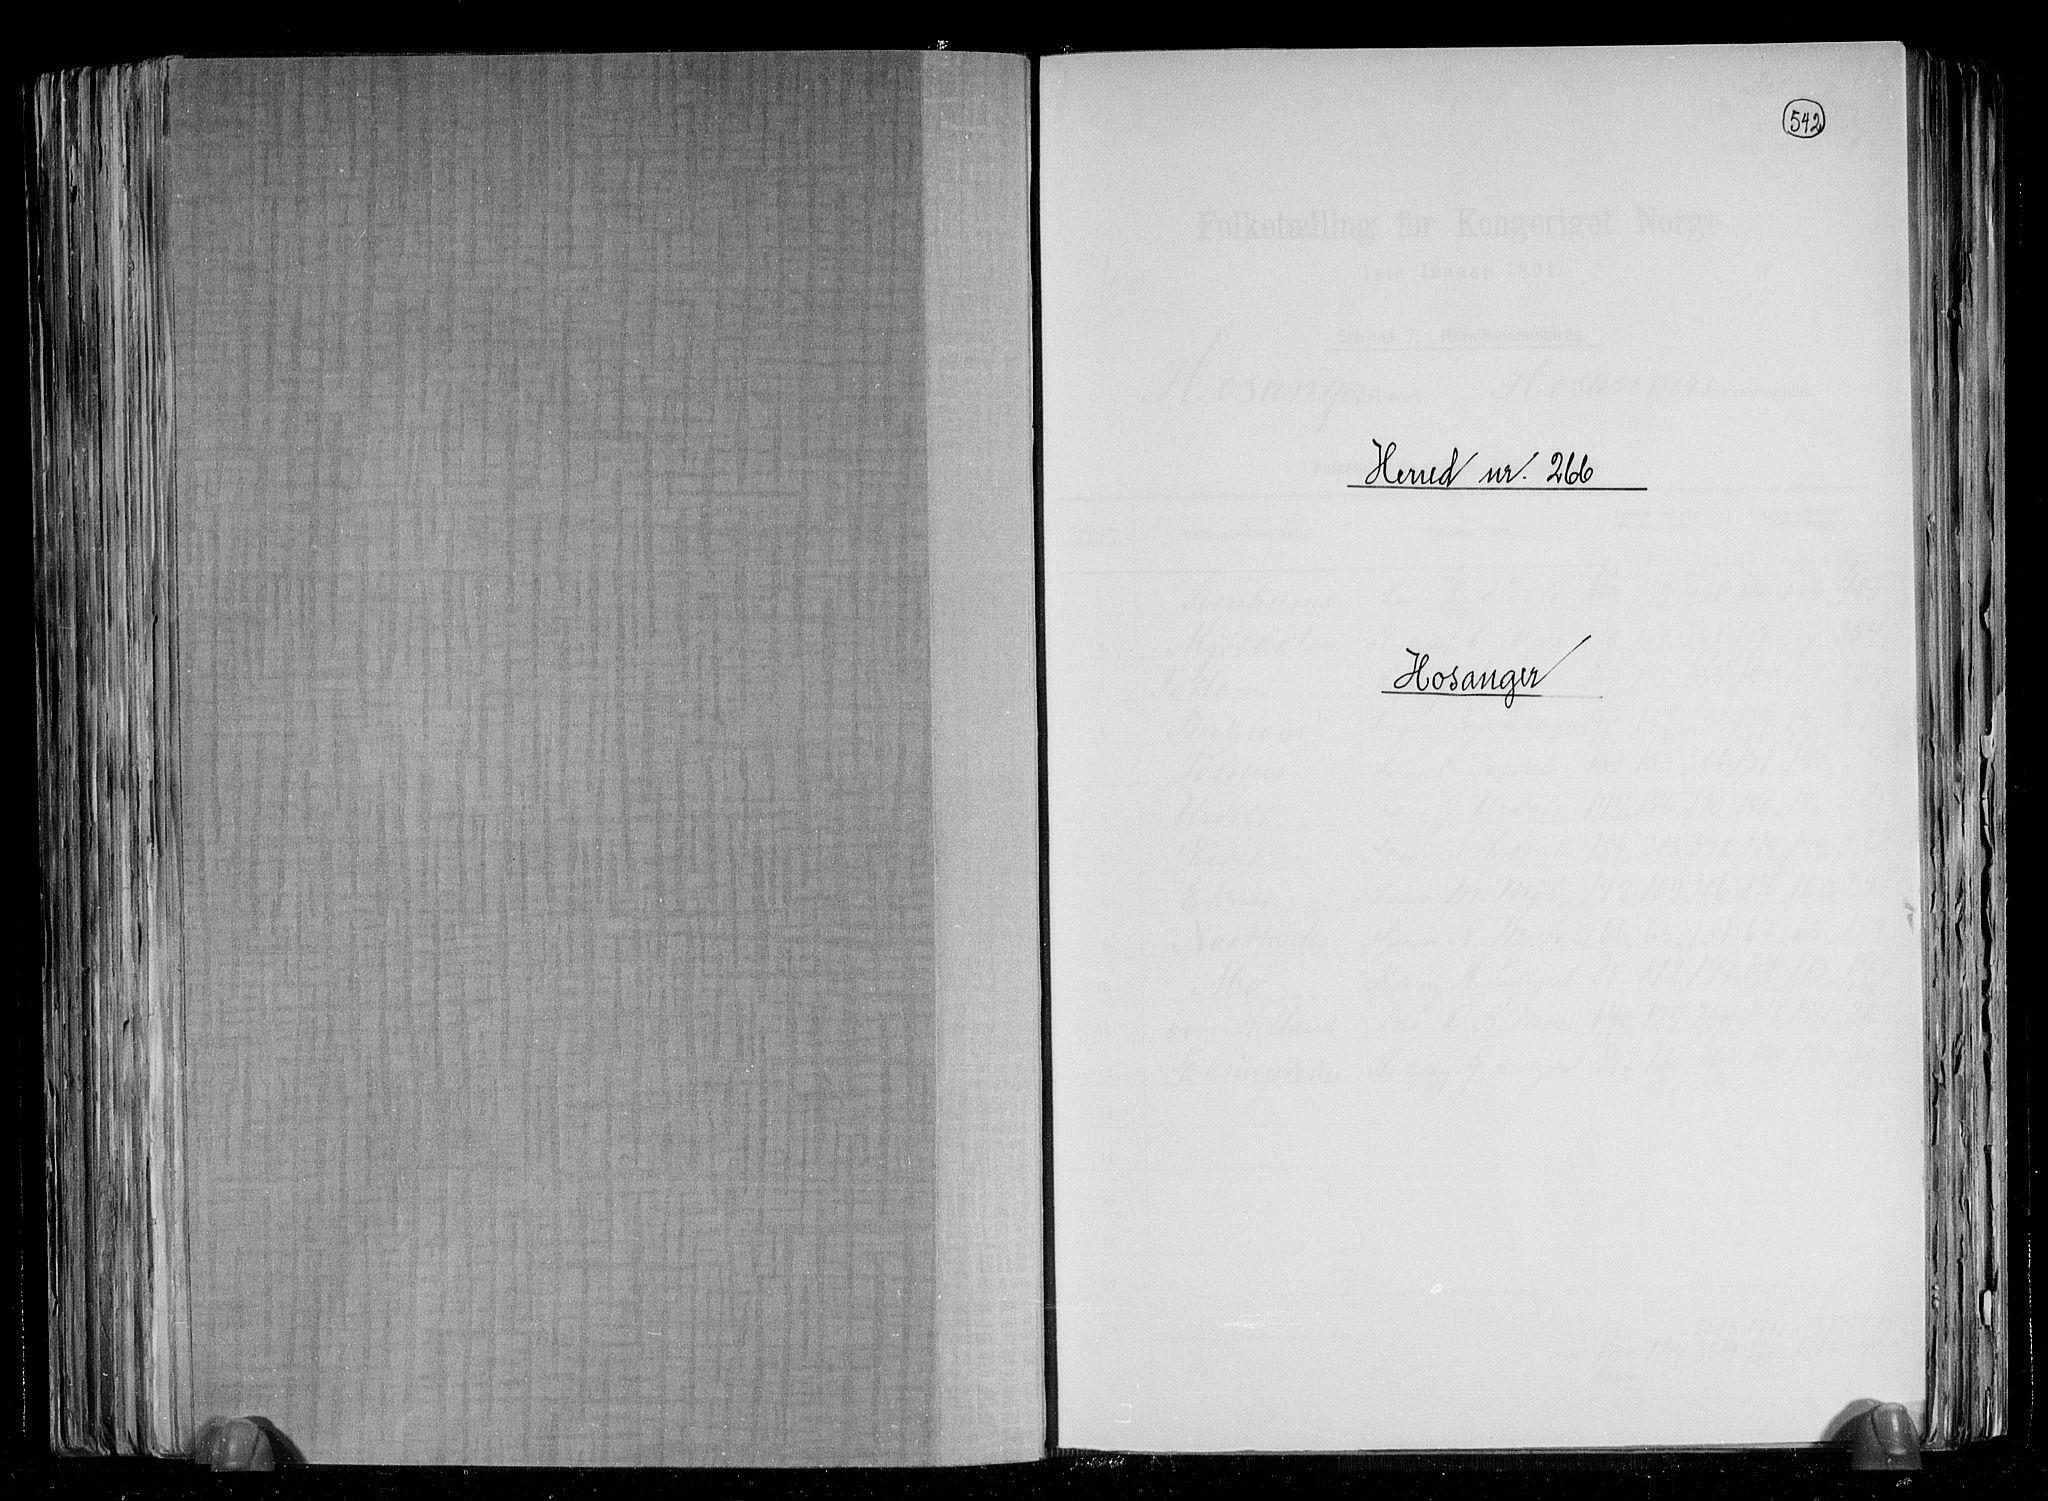 RA, Folketelling 1891 for 1253 Hosanger herred, 1891, s. 1